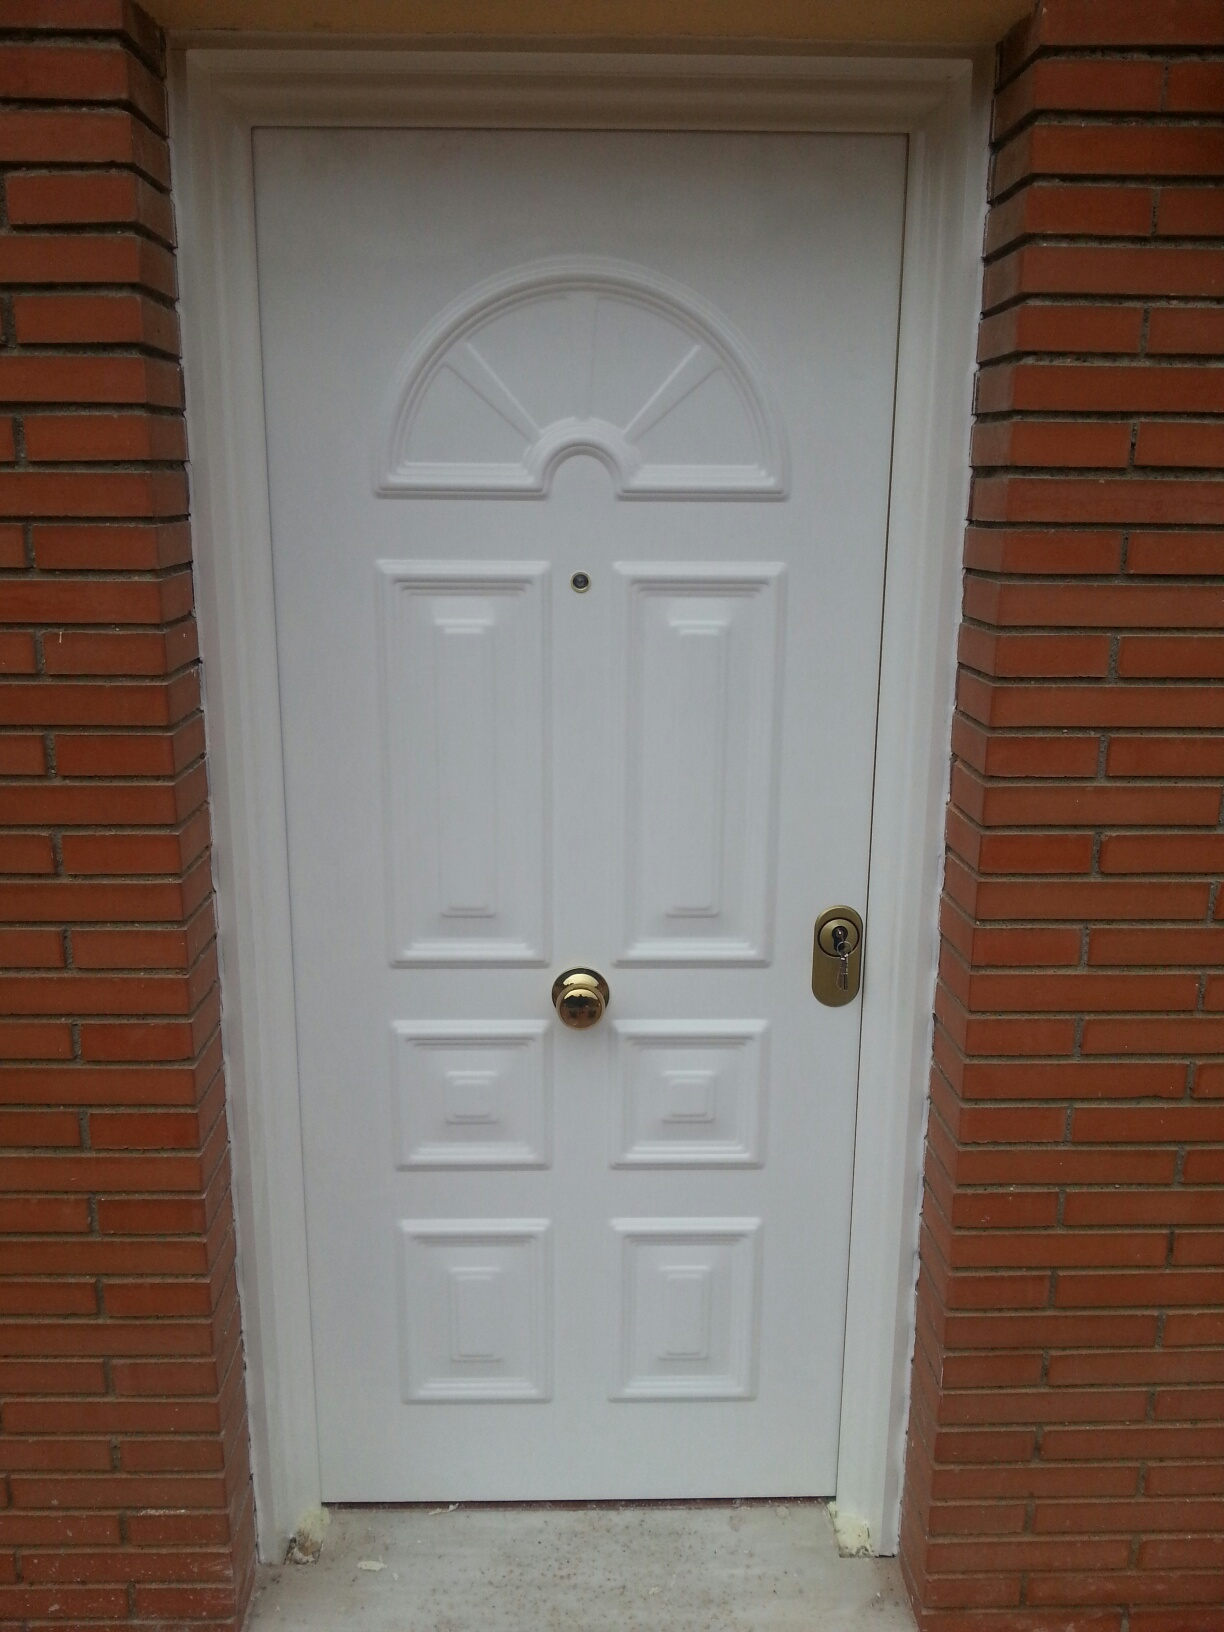 Puerta de seguridad de entrada a vivienda blindada en - Cerradura seguridad puerta ...